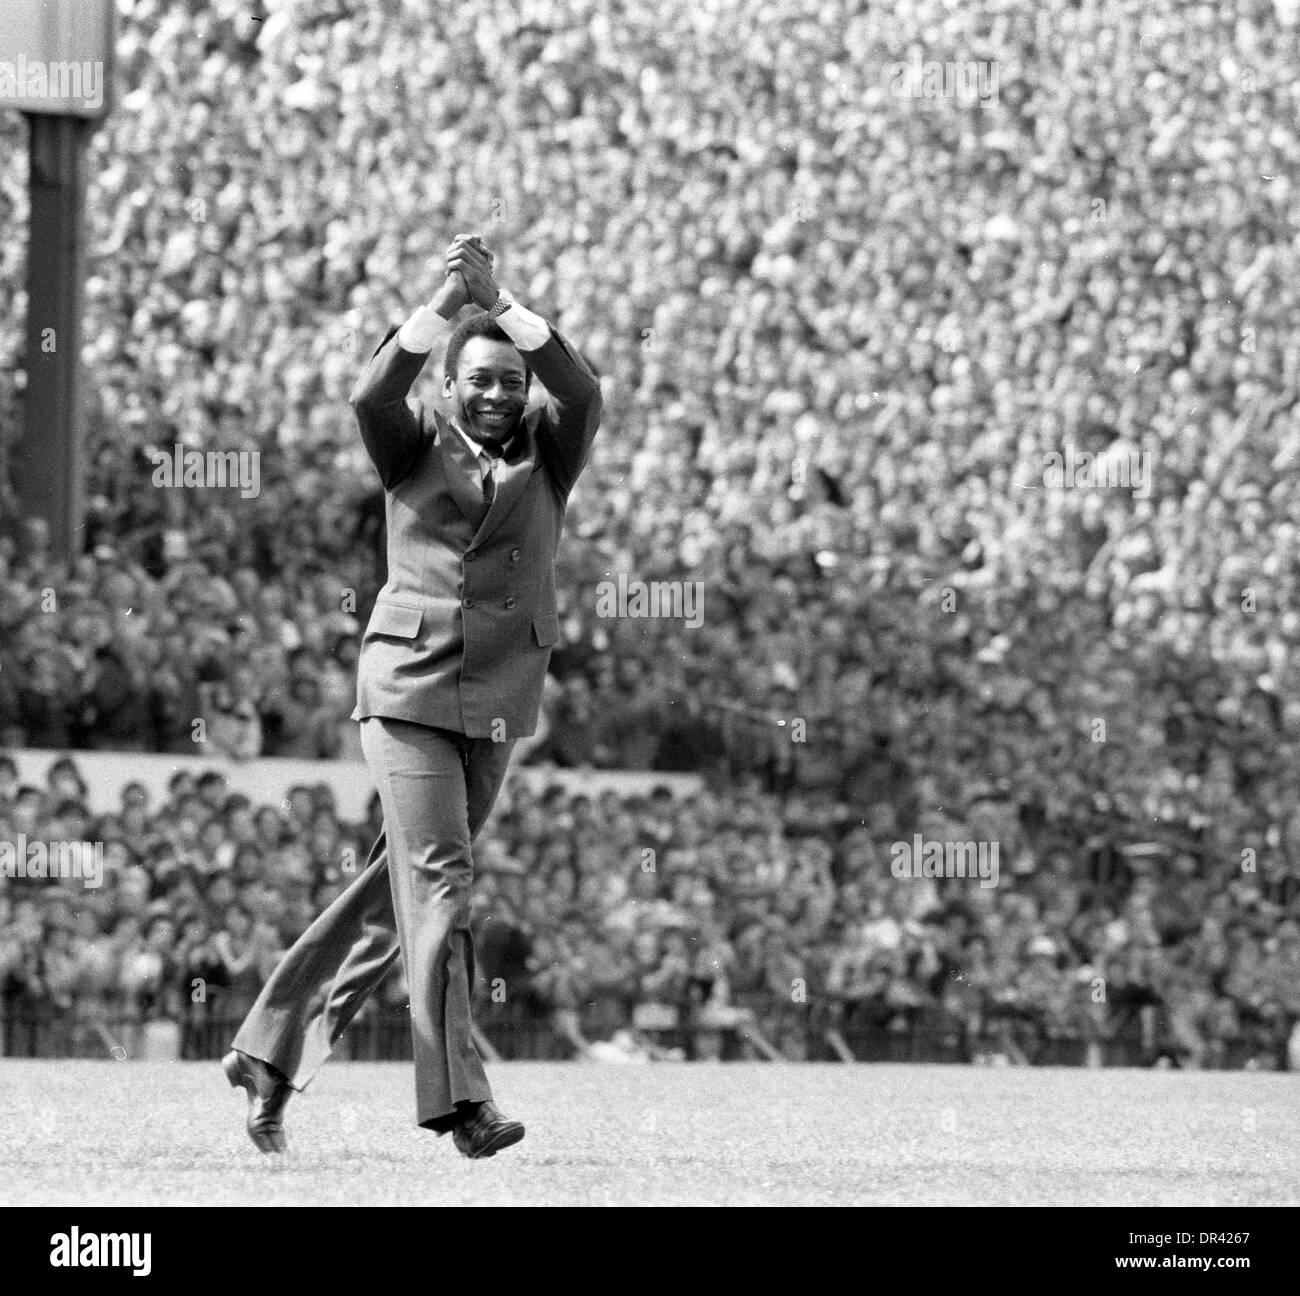 Fußball-Legende Pele begrüßt das Publikum vor dem Spiel zwischen ARSENAL V ASTON VILLA in HIGHBURY 1981 Stockfoto